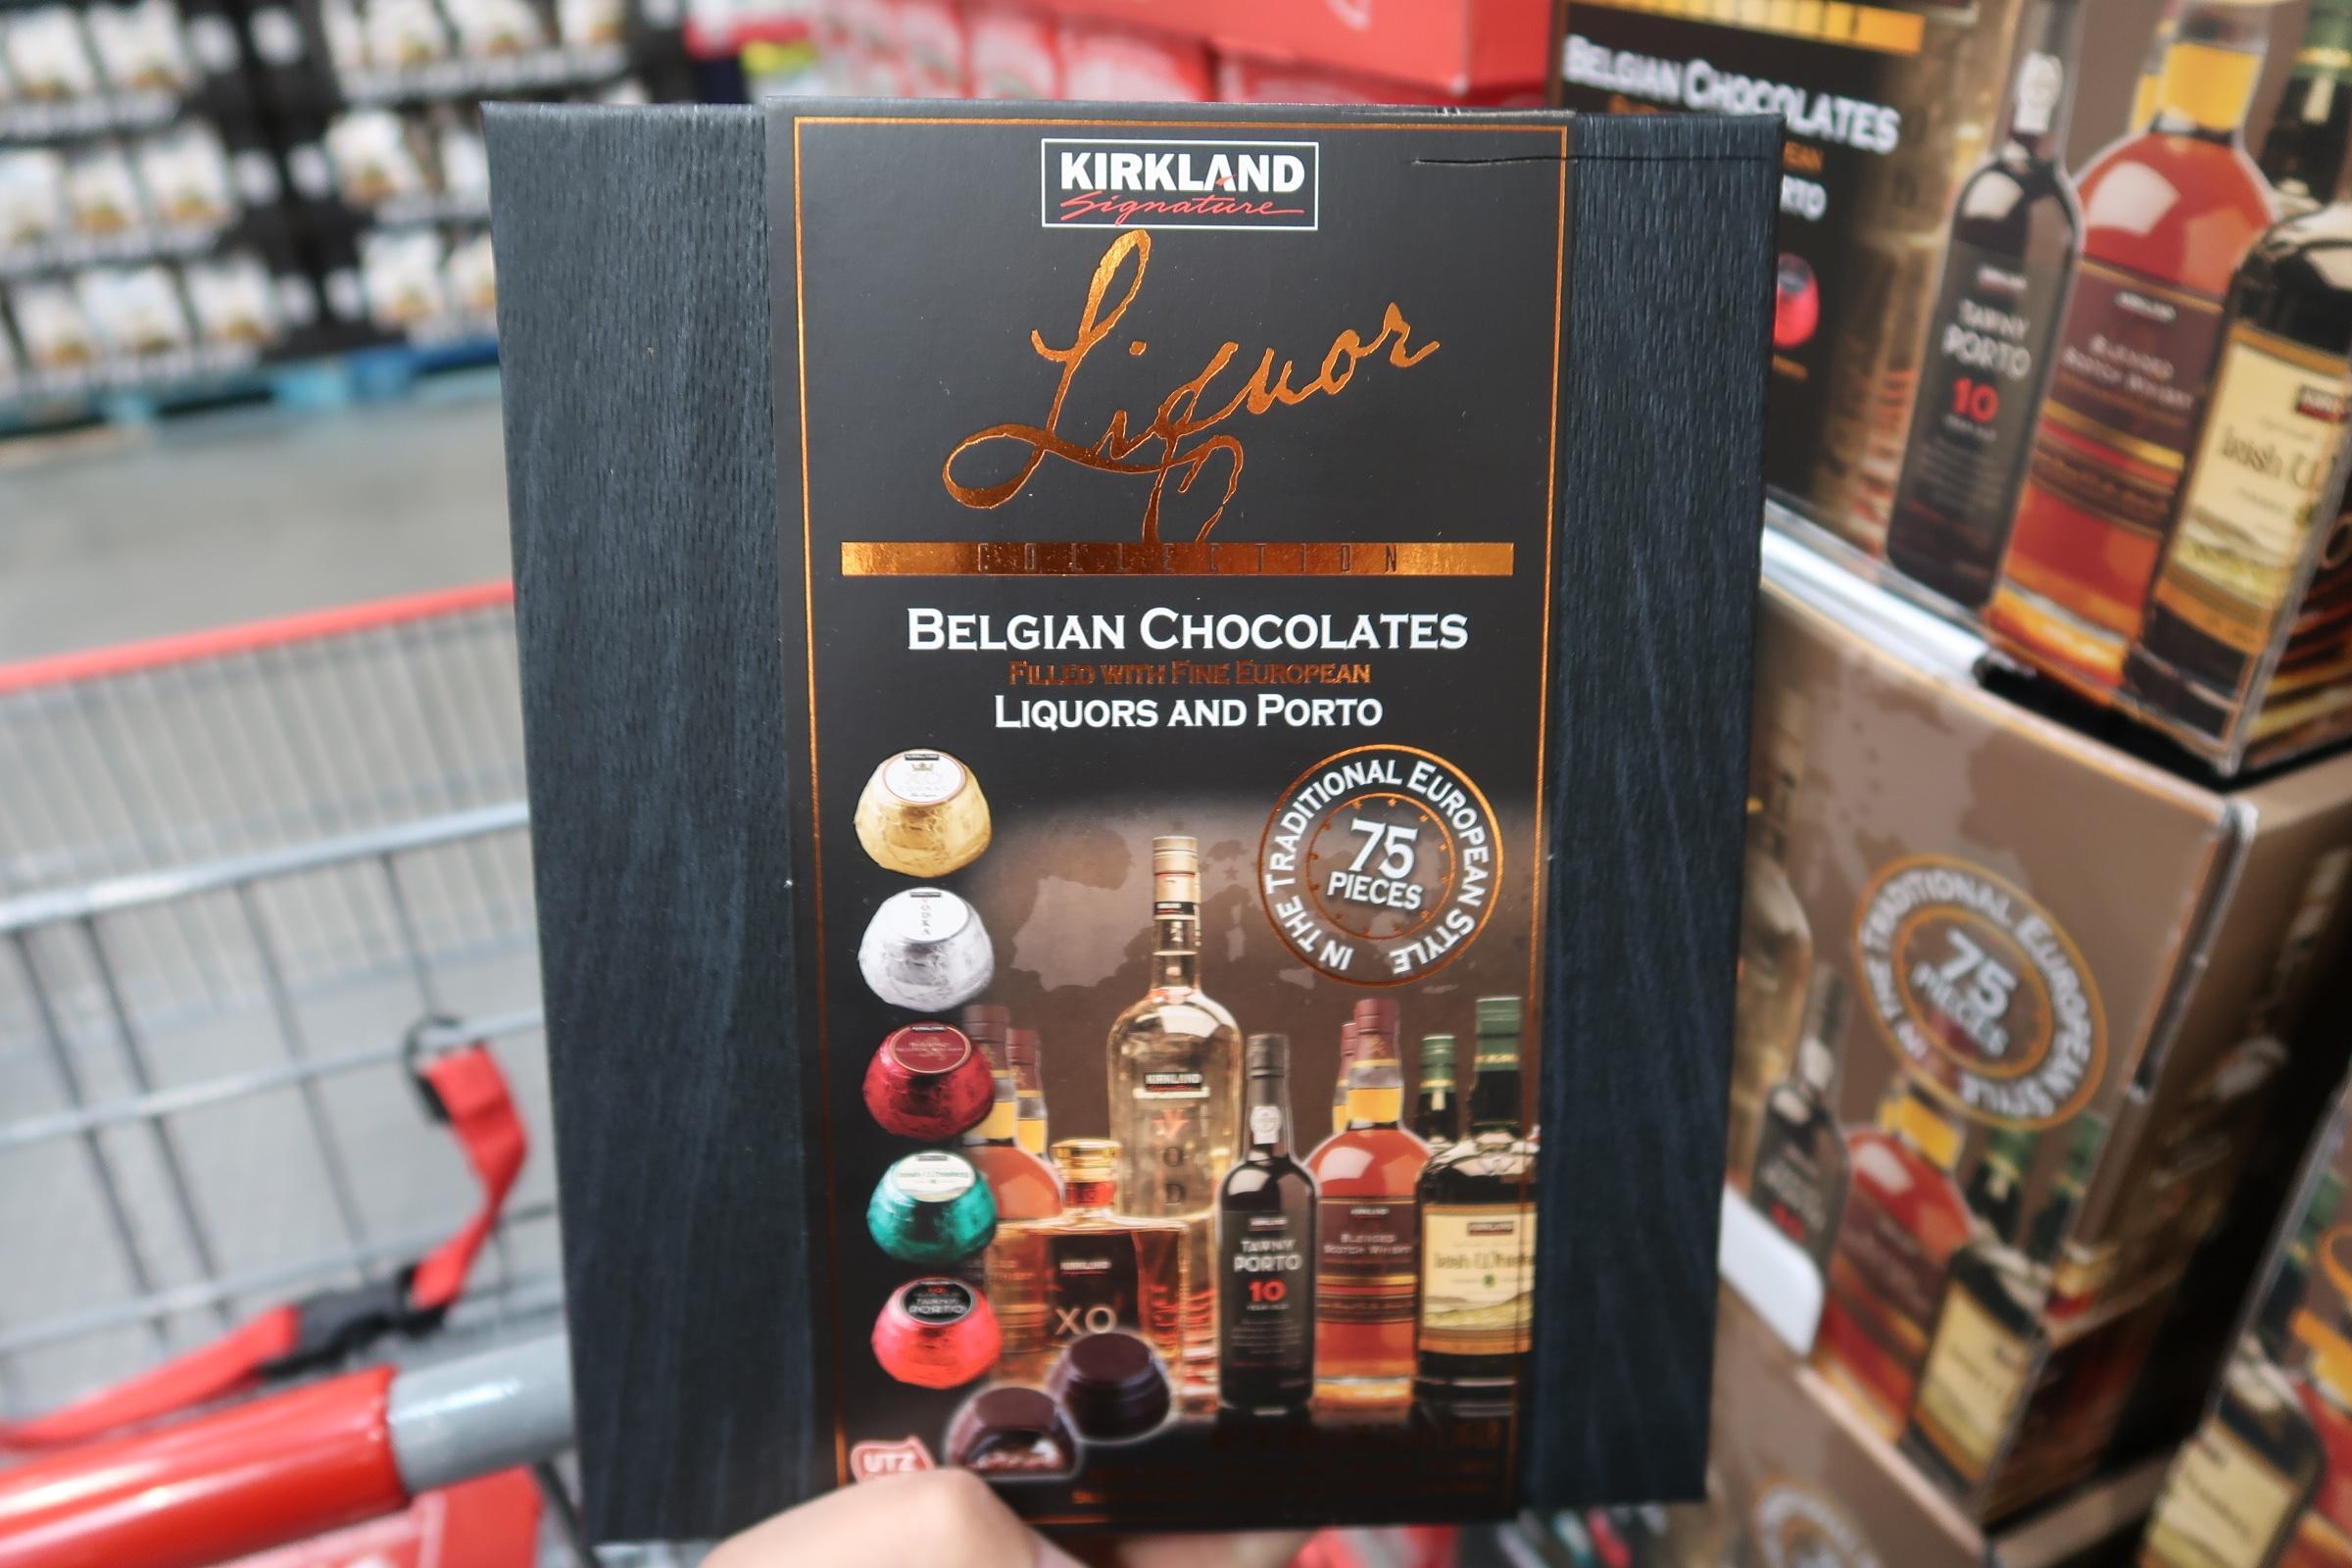 Kirkland Liquor Belgian Chocolates 75pc $16.99